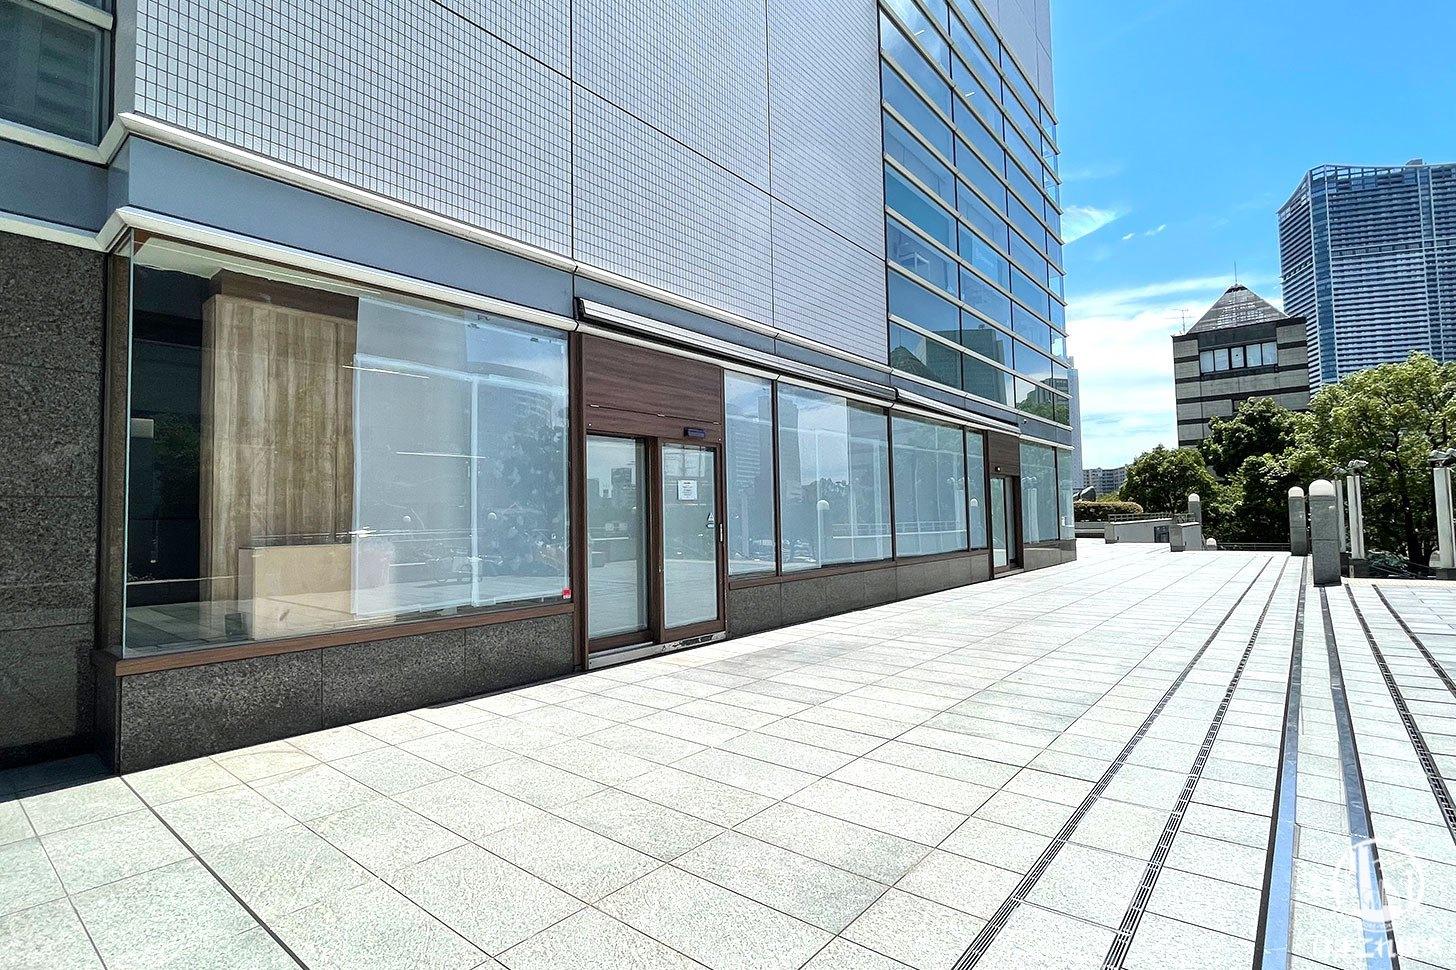 みなとみらい東急スクエア「サンタモニカ サードストリート ミートテラス」2021年7月25日に閉店